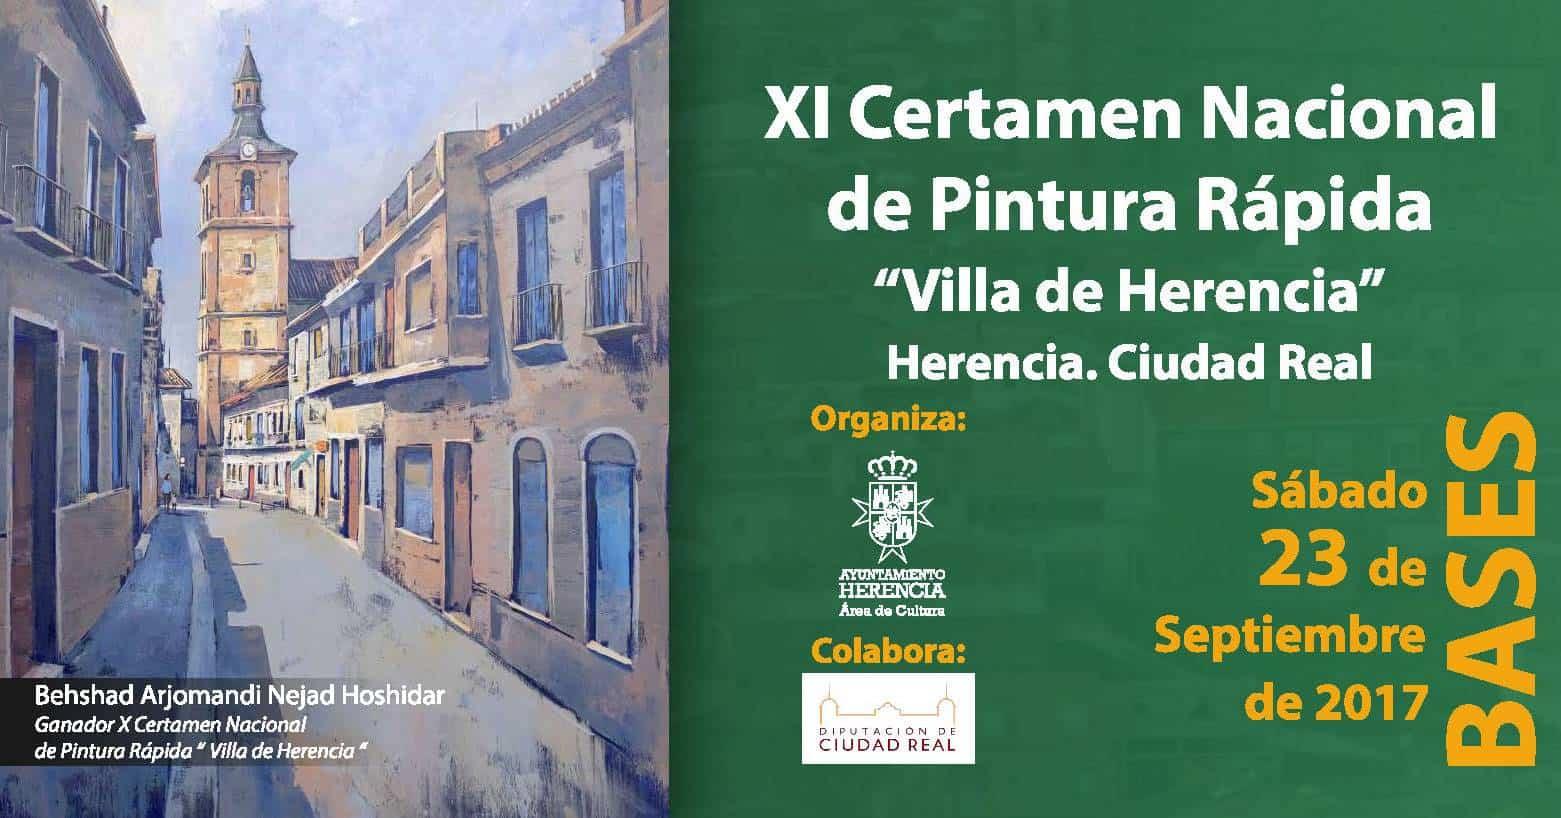 """XI certamen pintura rapida herencia - Convocado el XI Certamen Nacional de Pintura Rápida """"Villa de Herencia"""""""